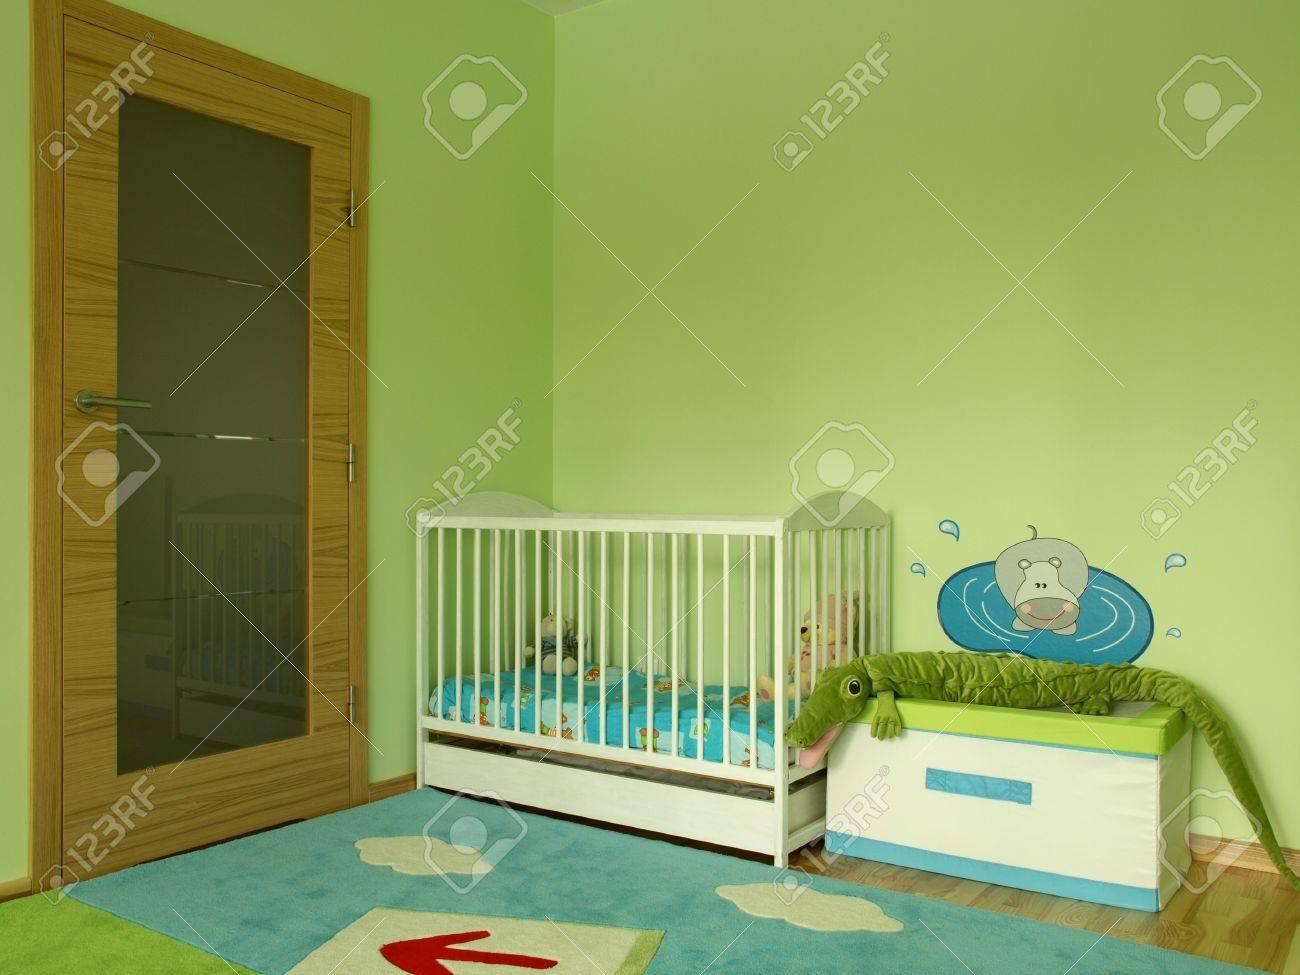 camera da letto per bambini di colore verde foto royalty free ... - Colore Verde Per Camera Da Letto